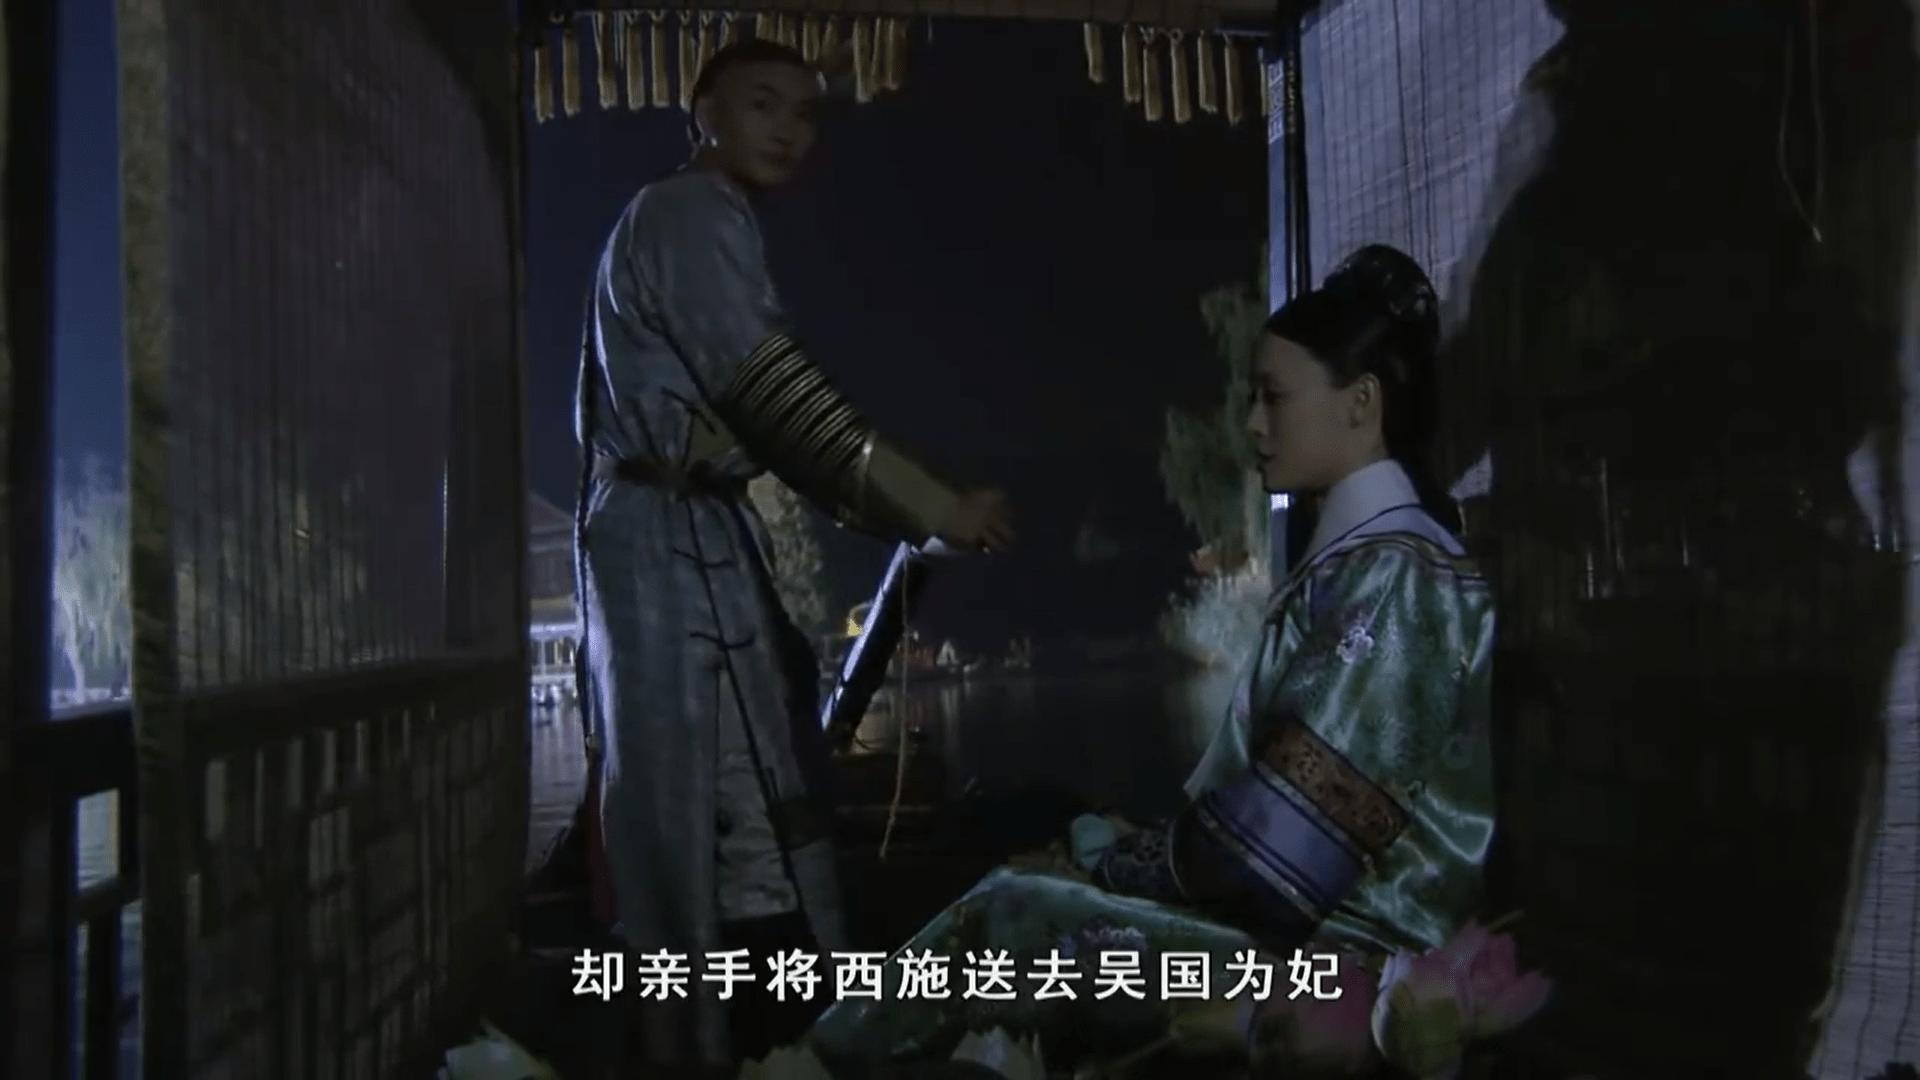 中国歴史ドラマは他の時代も学ぶともっとよく理解できる